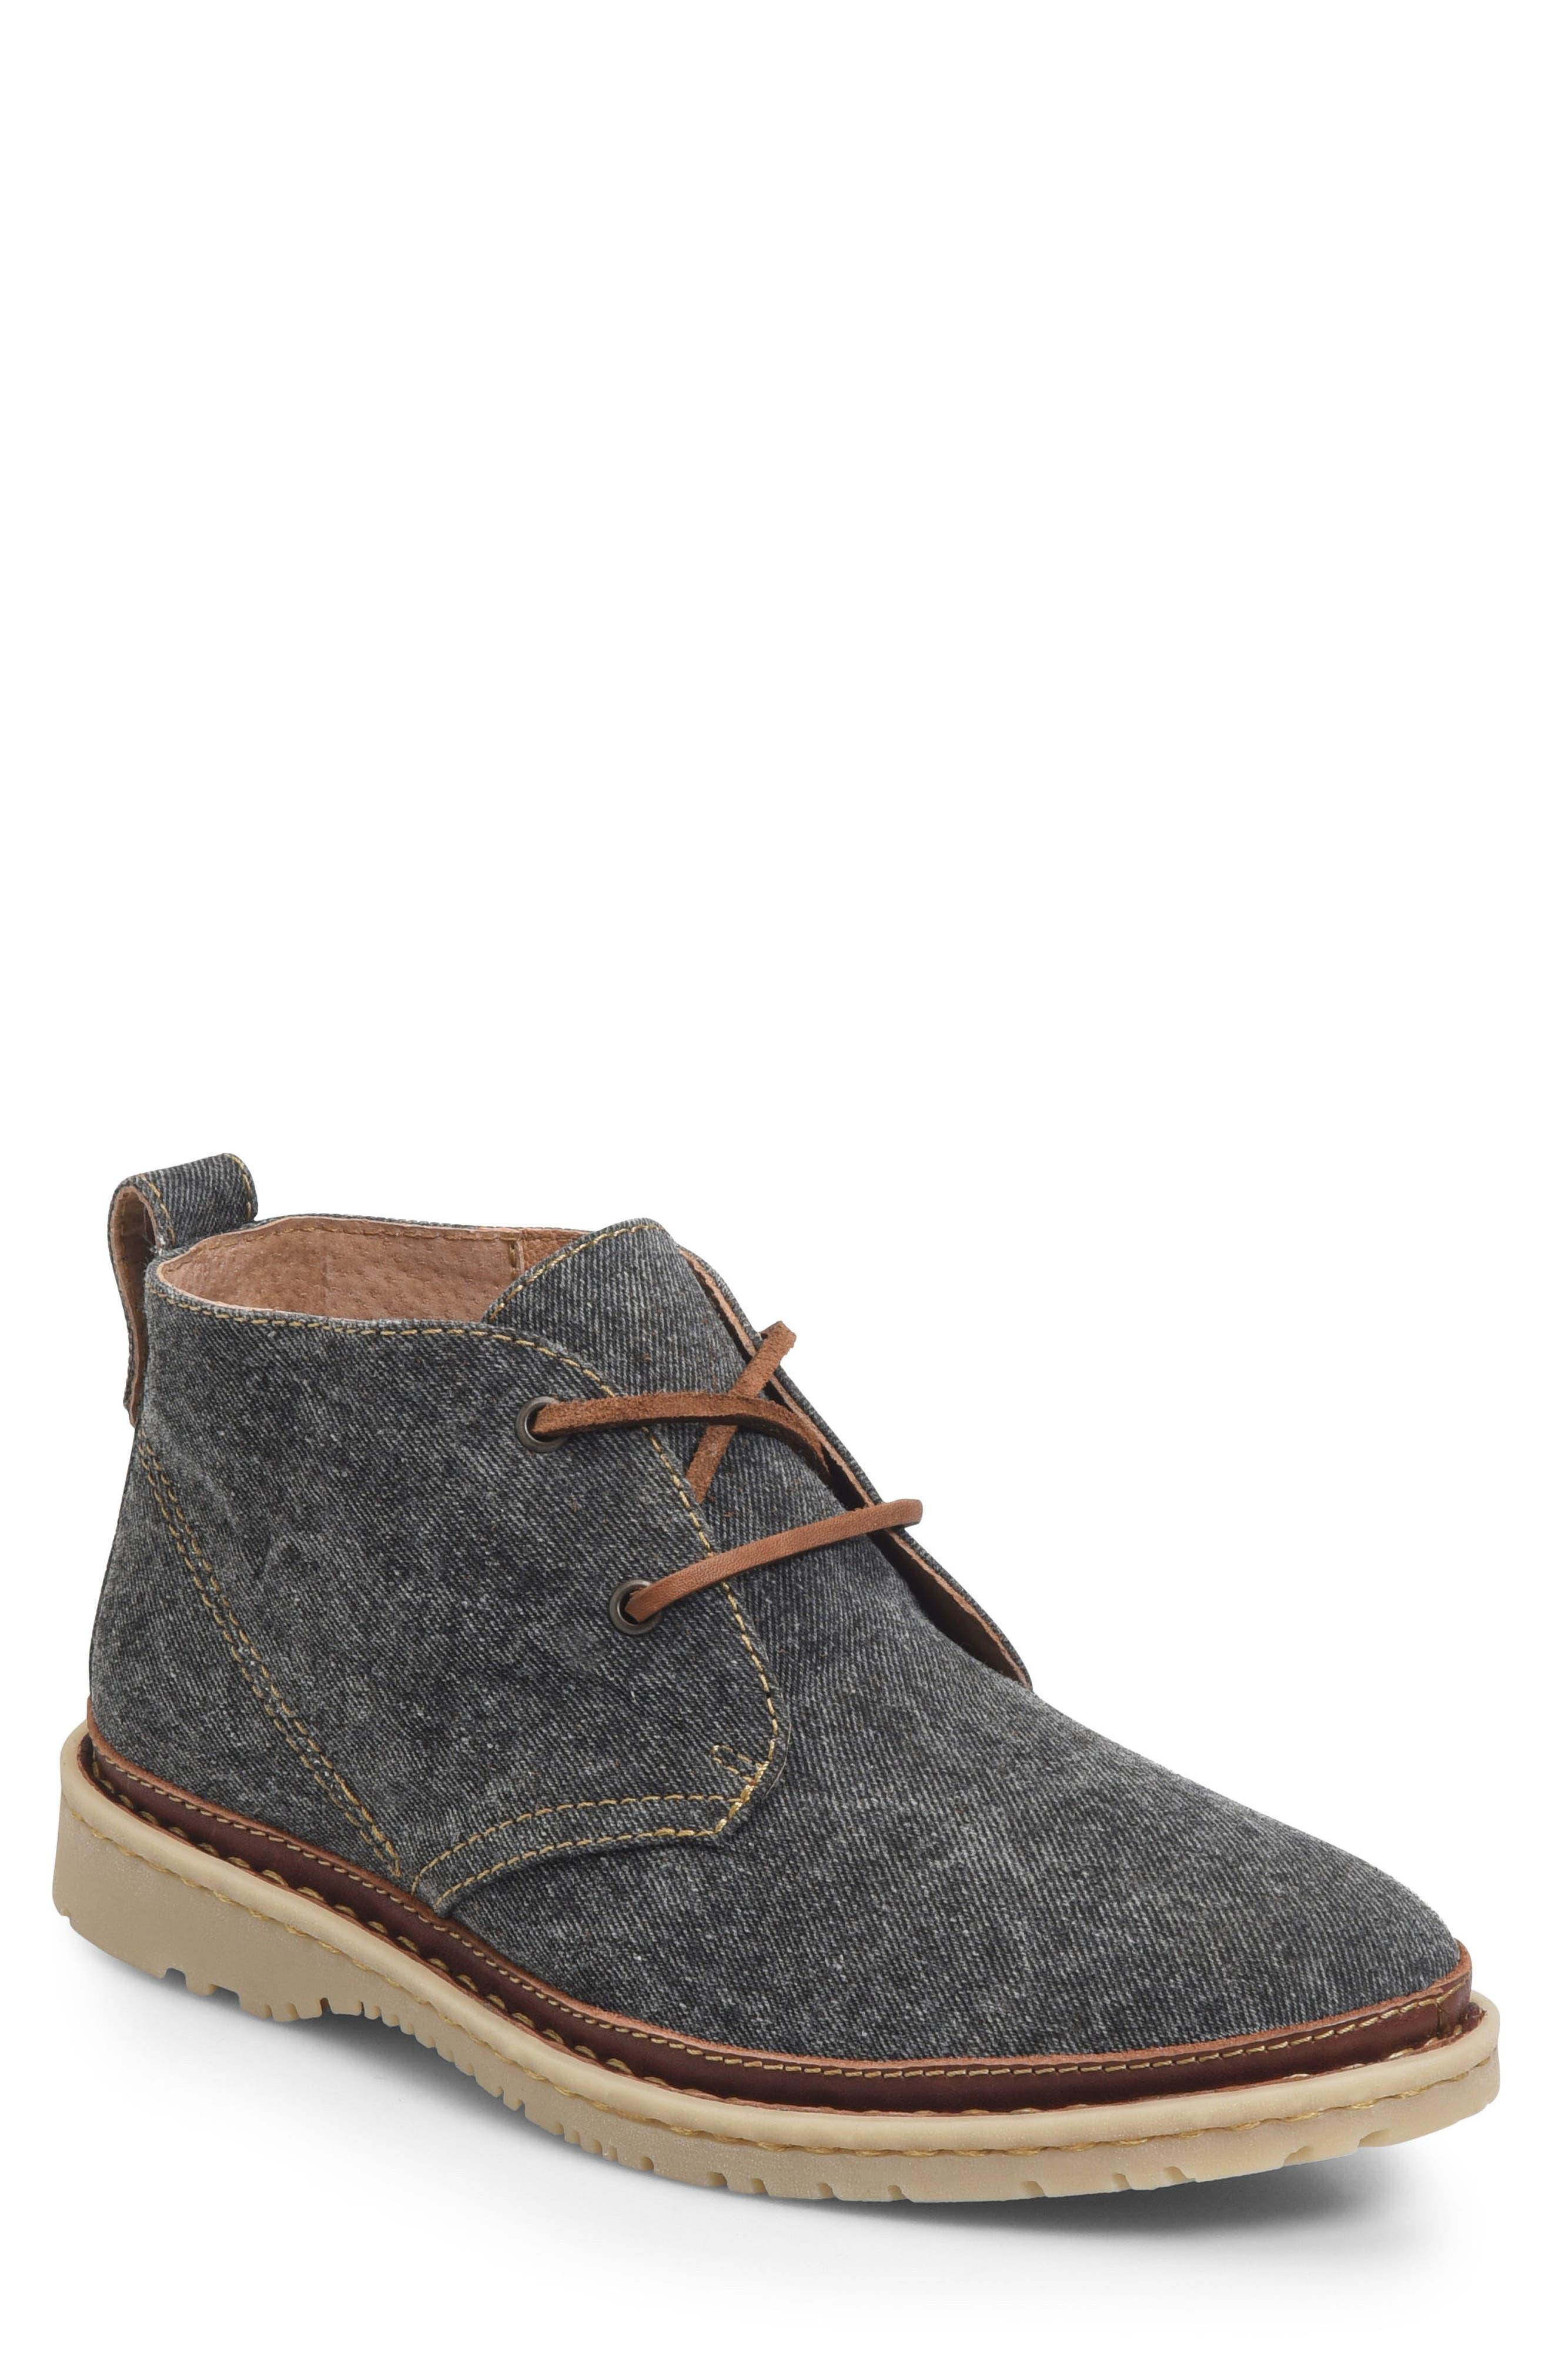 Elk II Chukka Boot,                             Main thumbnail 1, color,                             Dark Grey Fabric